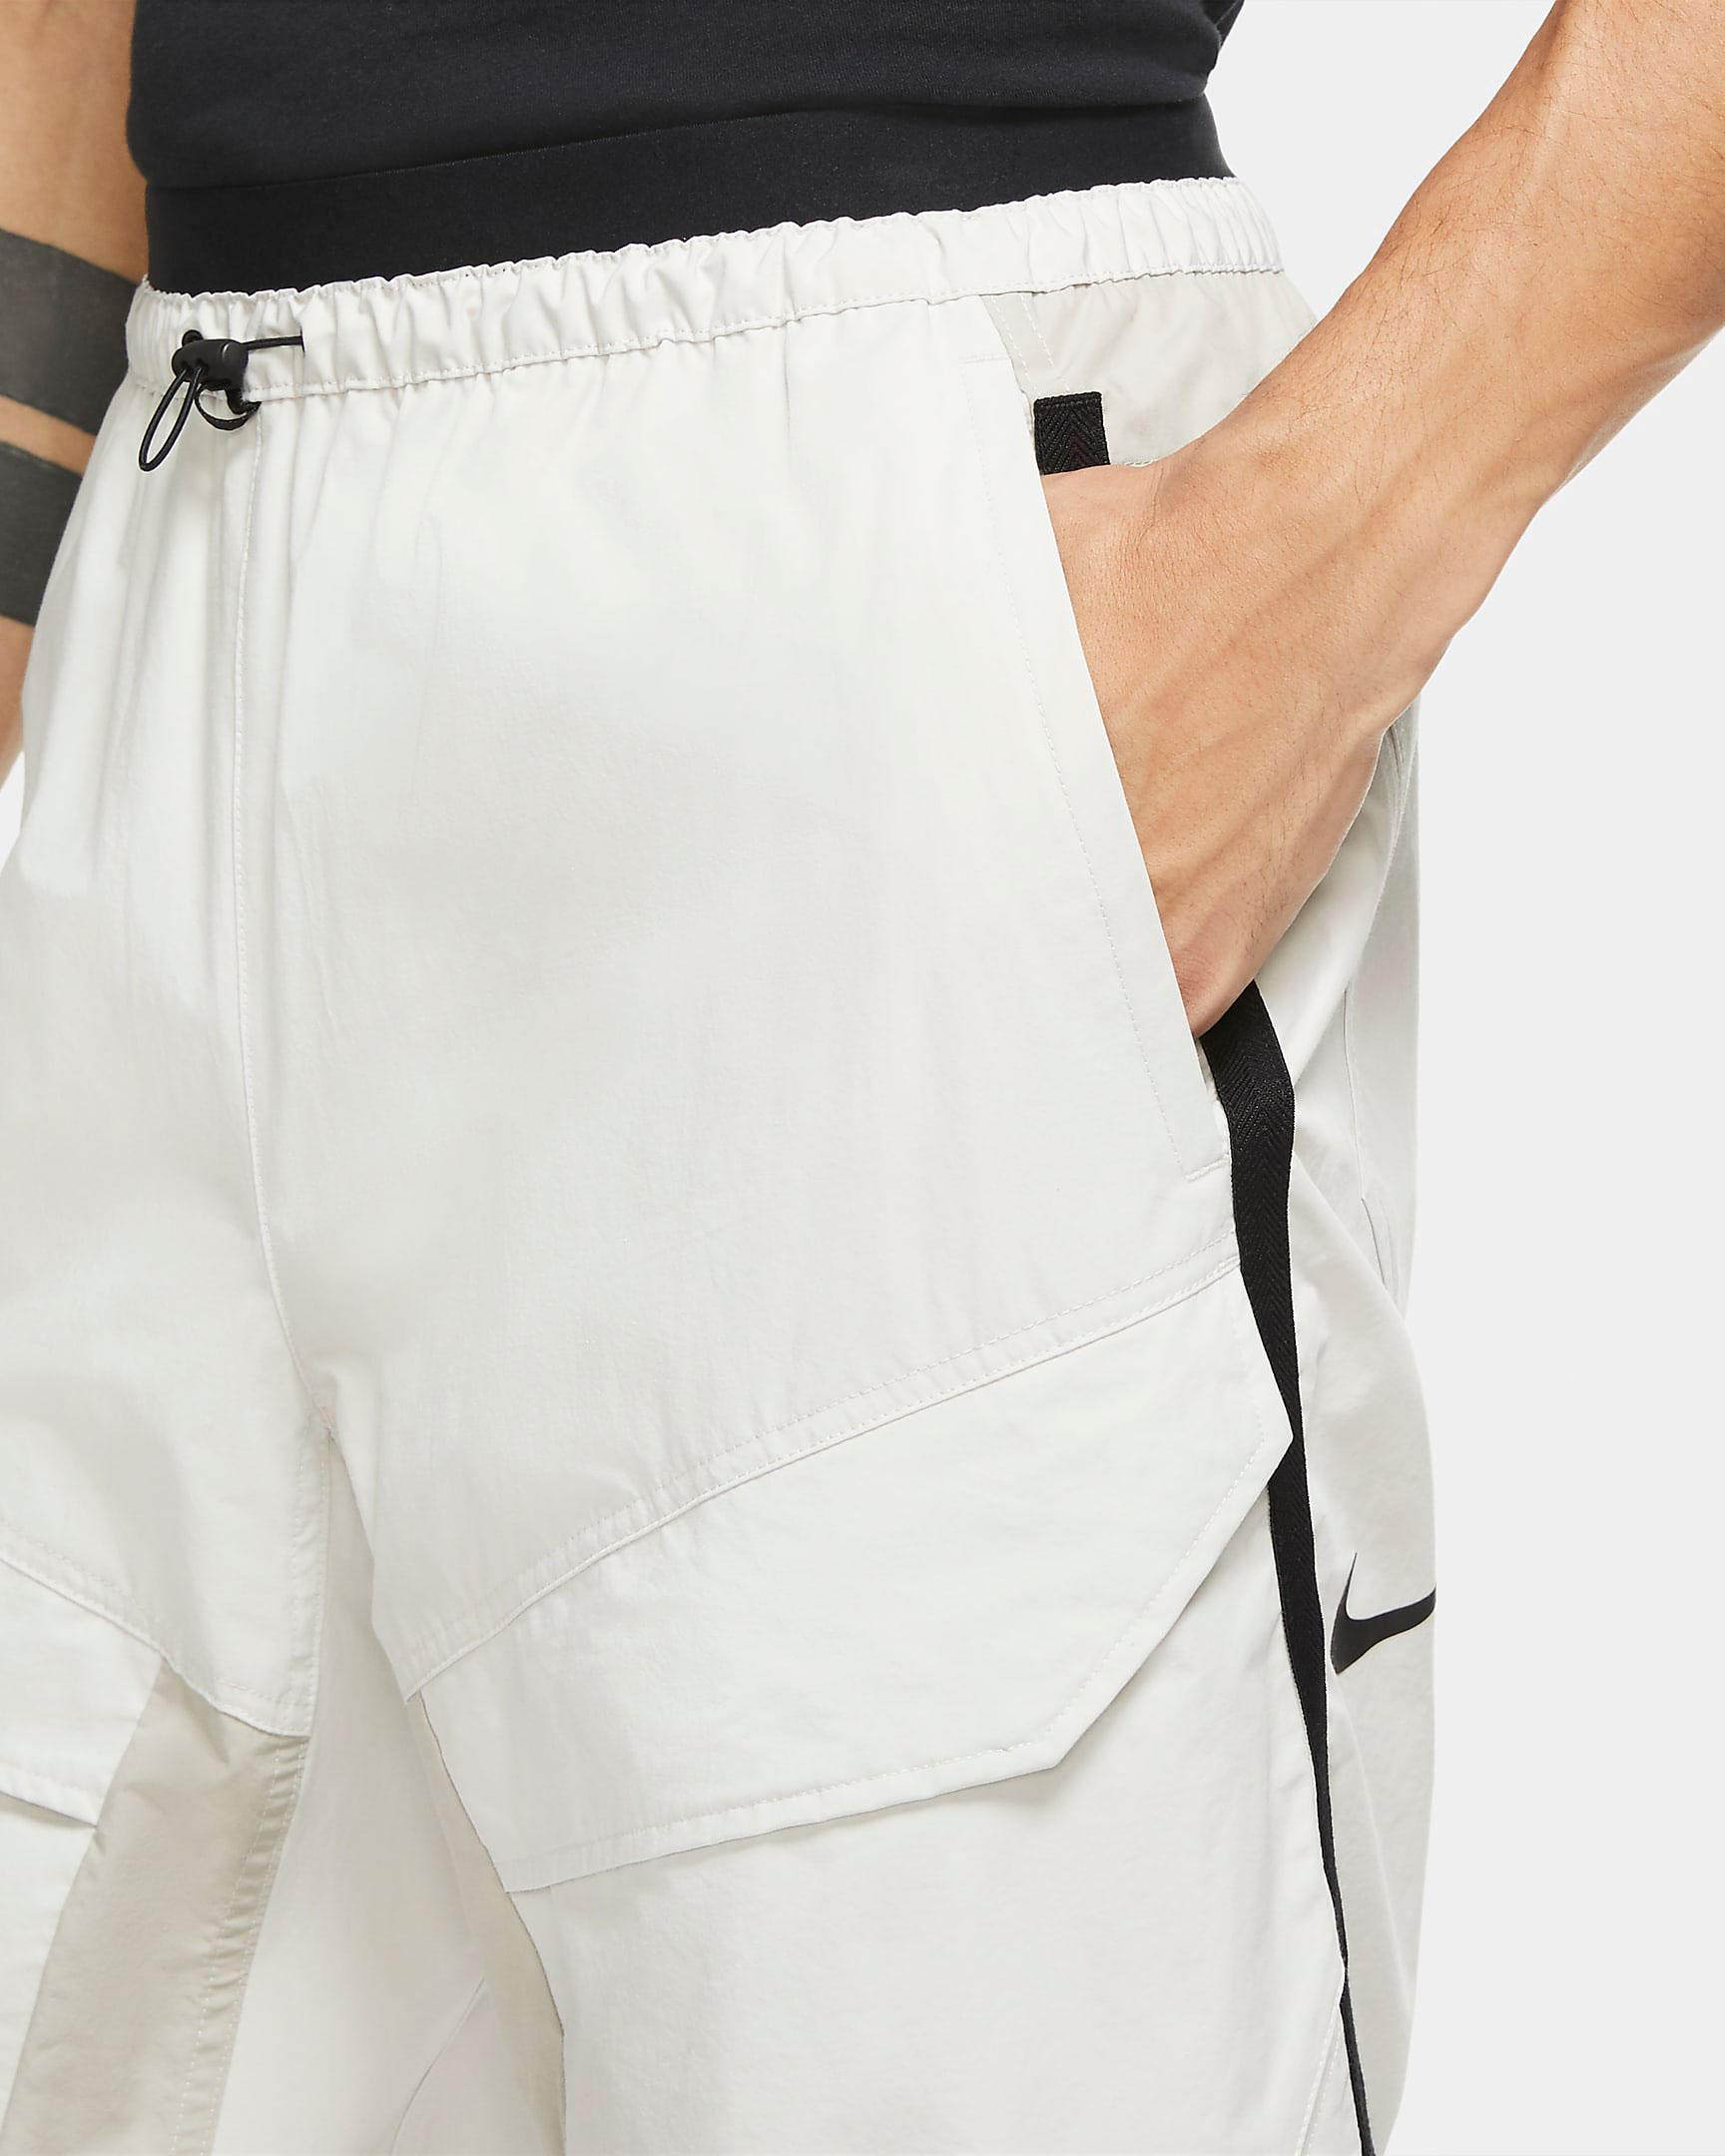 off-white-air-jordan-5-sail-nike-matching-pants-2